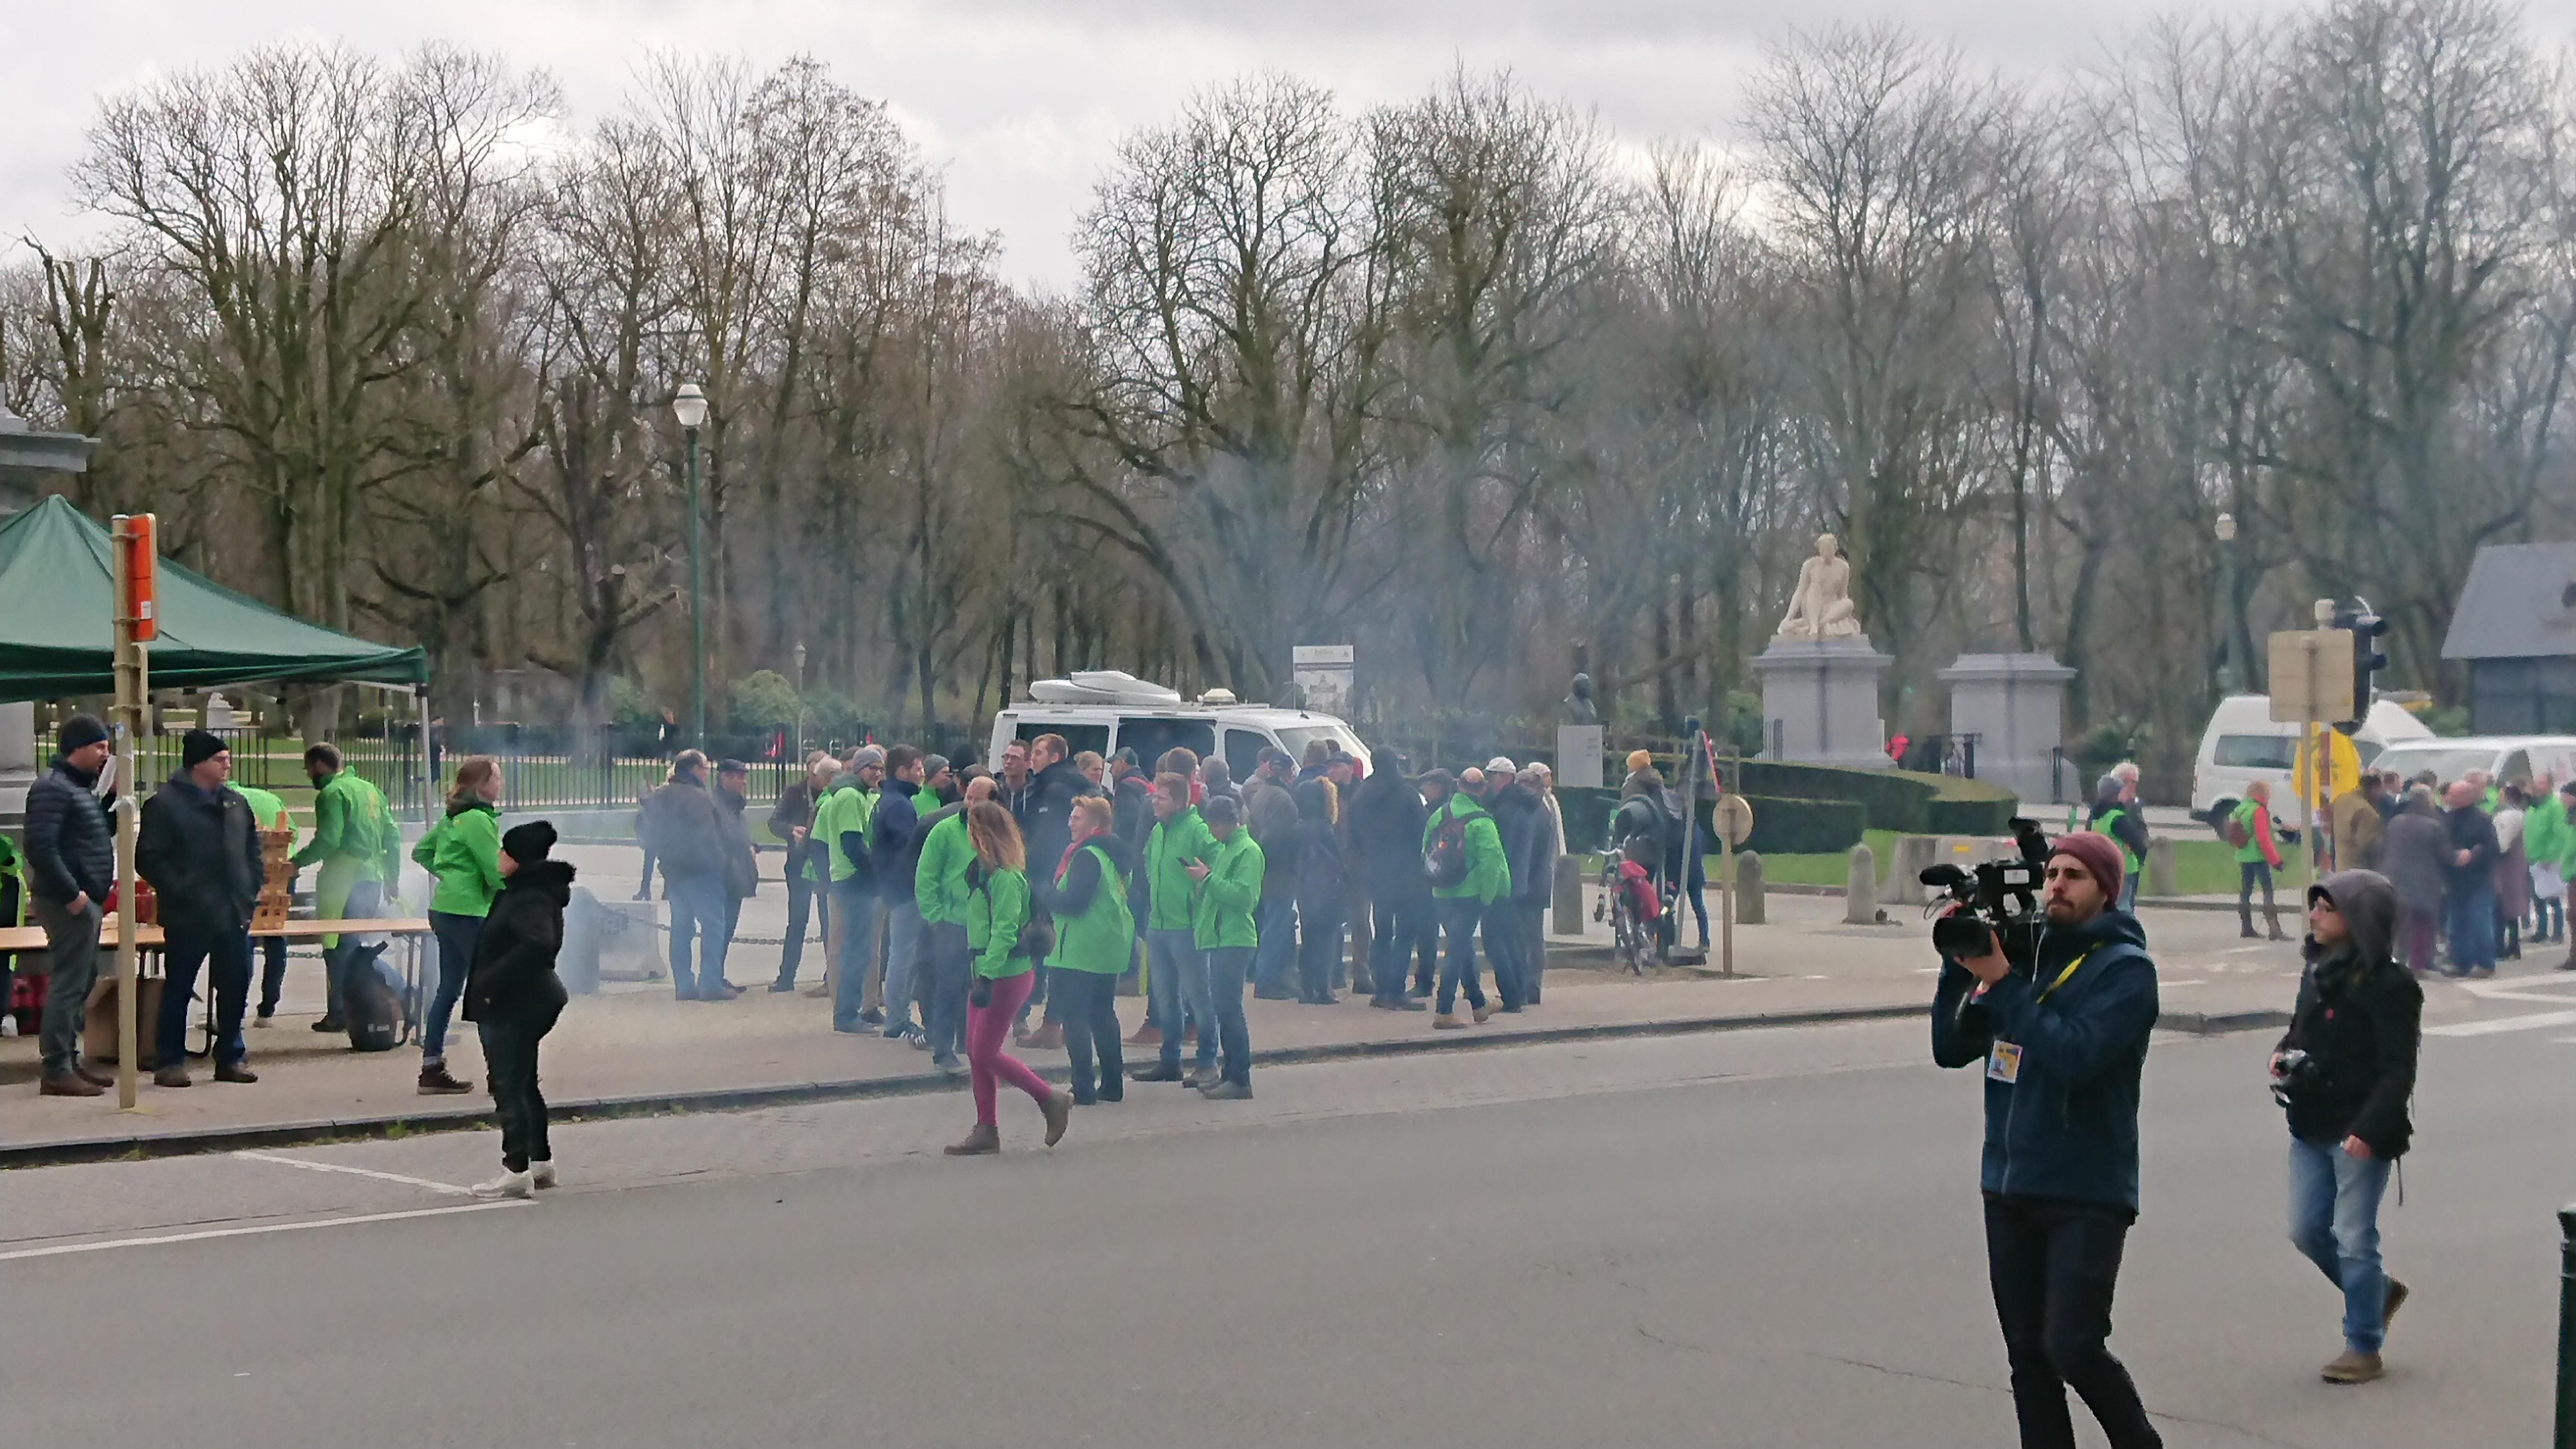 Bruksela protest 20.02.20 2